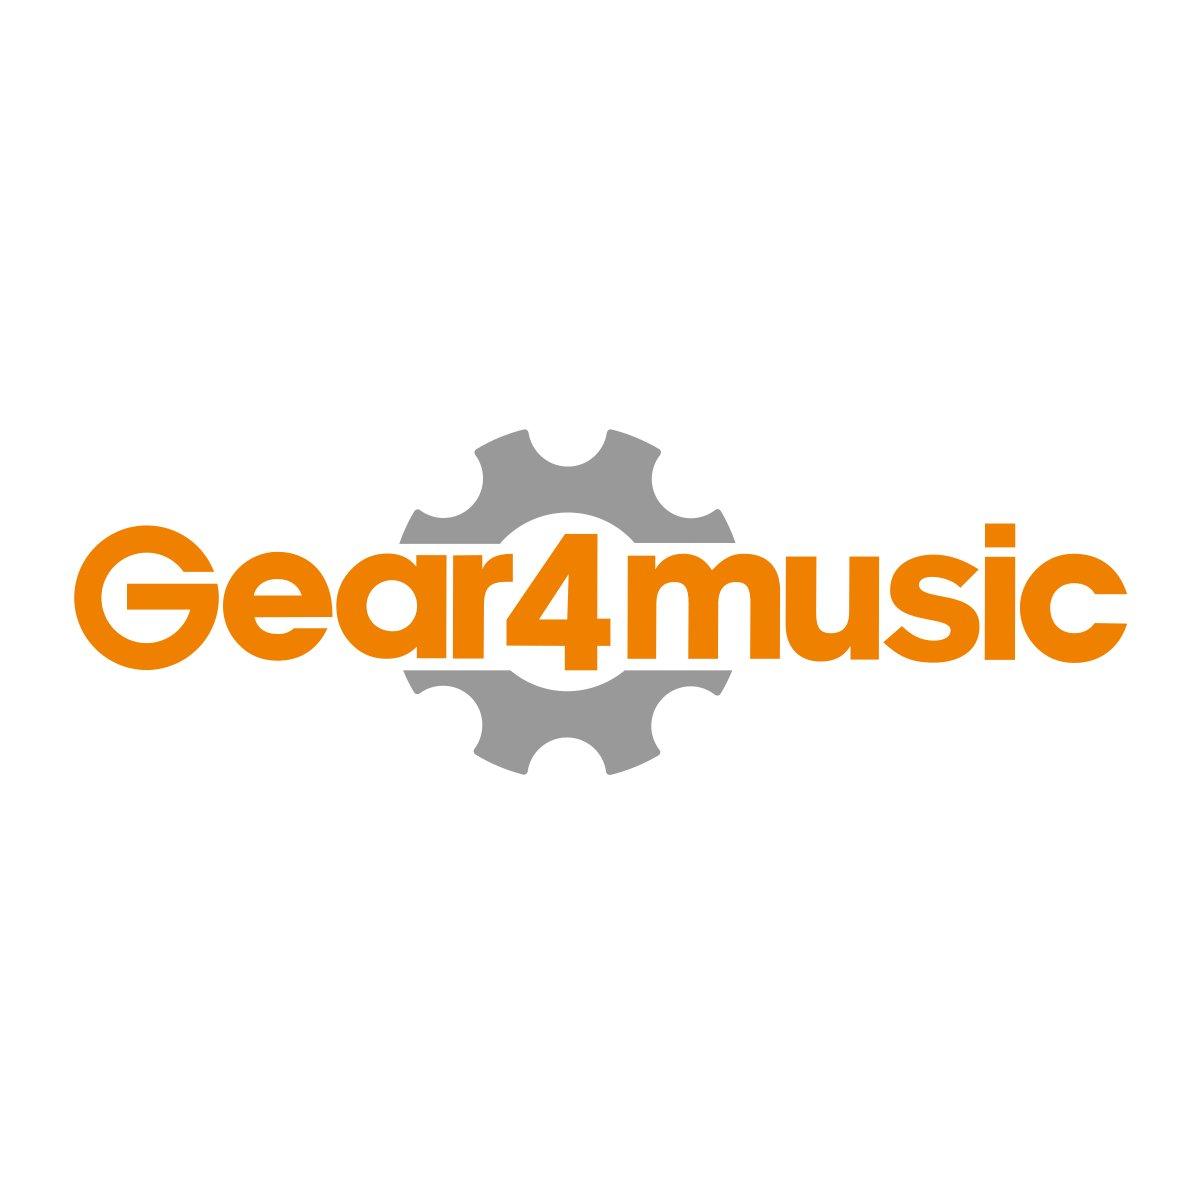 Klavírní stolička s ukládání do Gear4music, černá